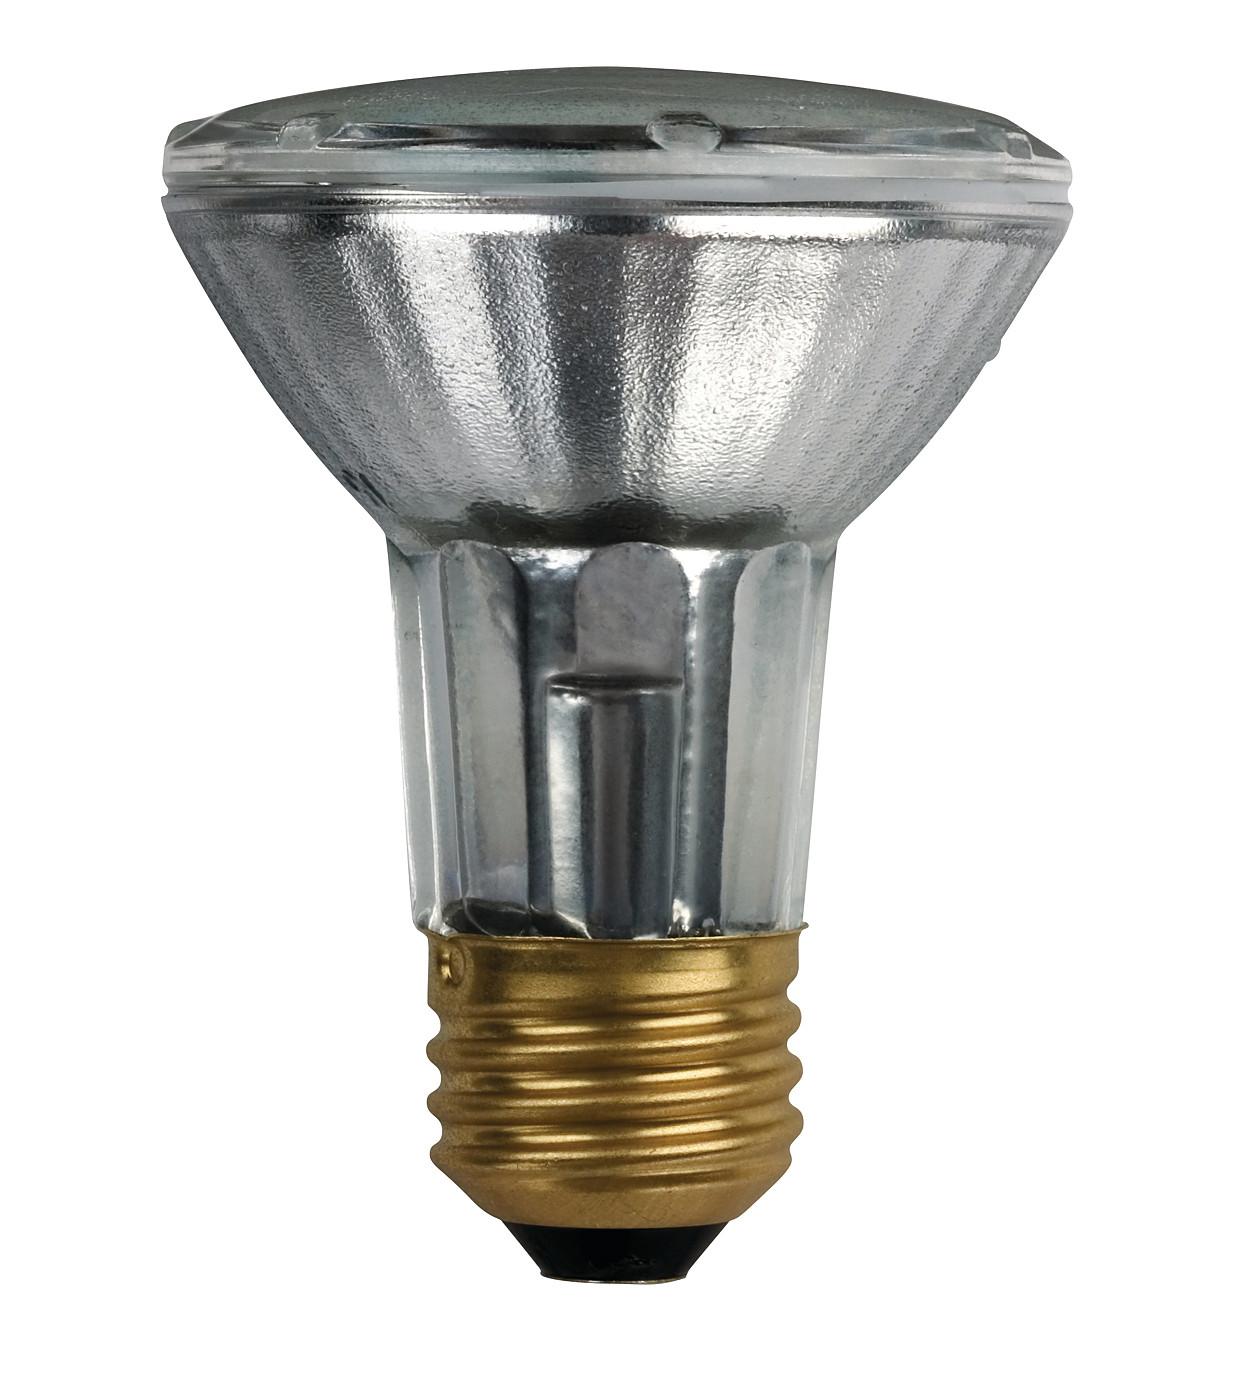 Philips Led Flood Lights Indoor : Buy the philips halogena indoor outdoor flood light